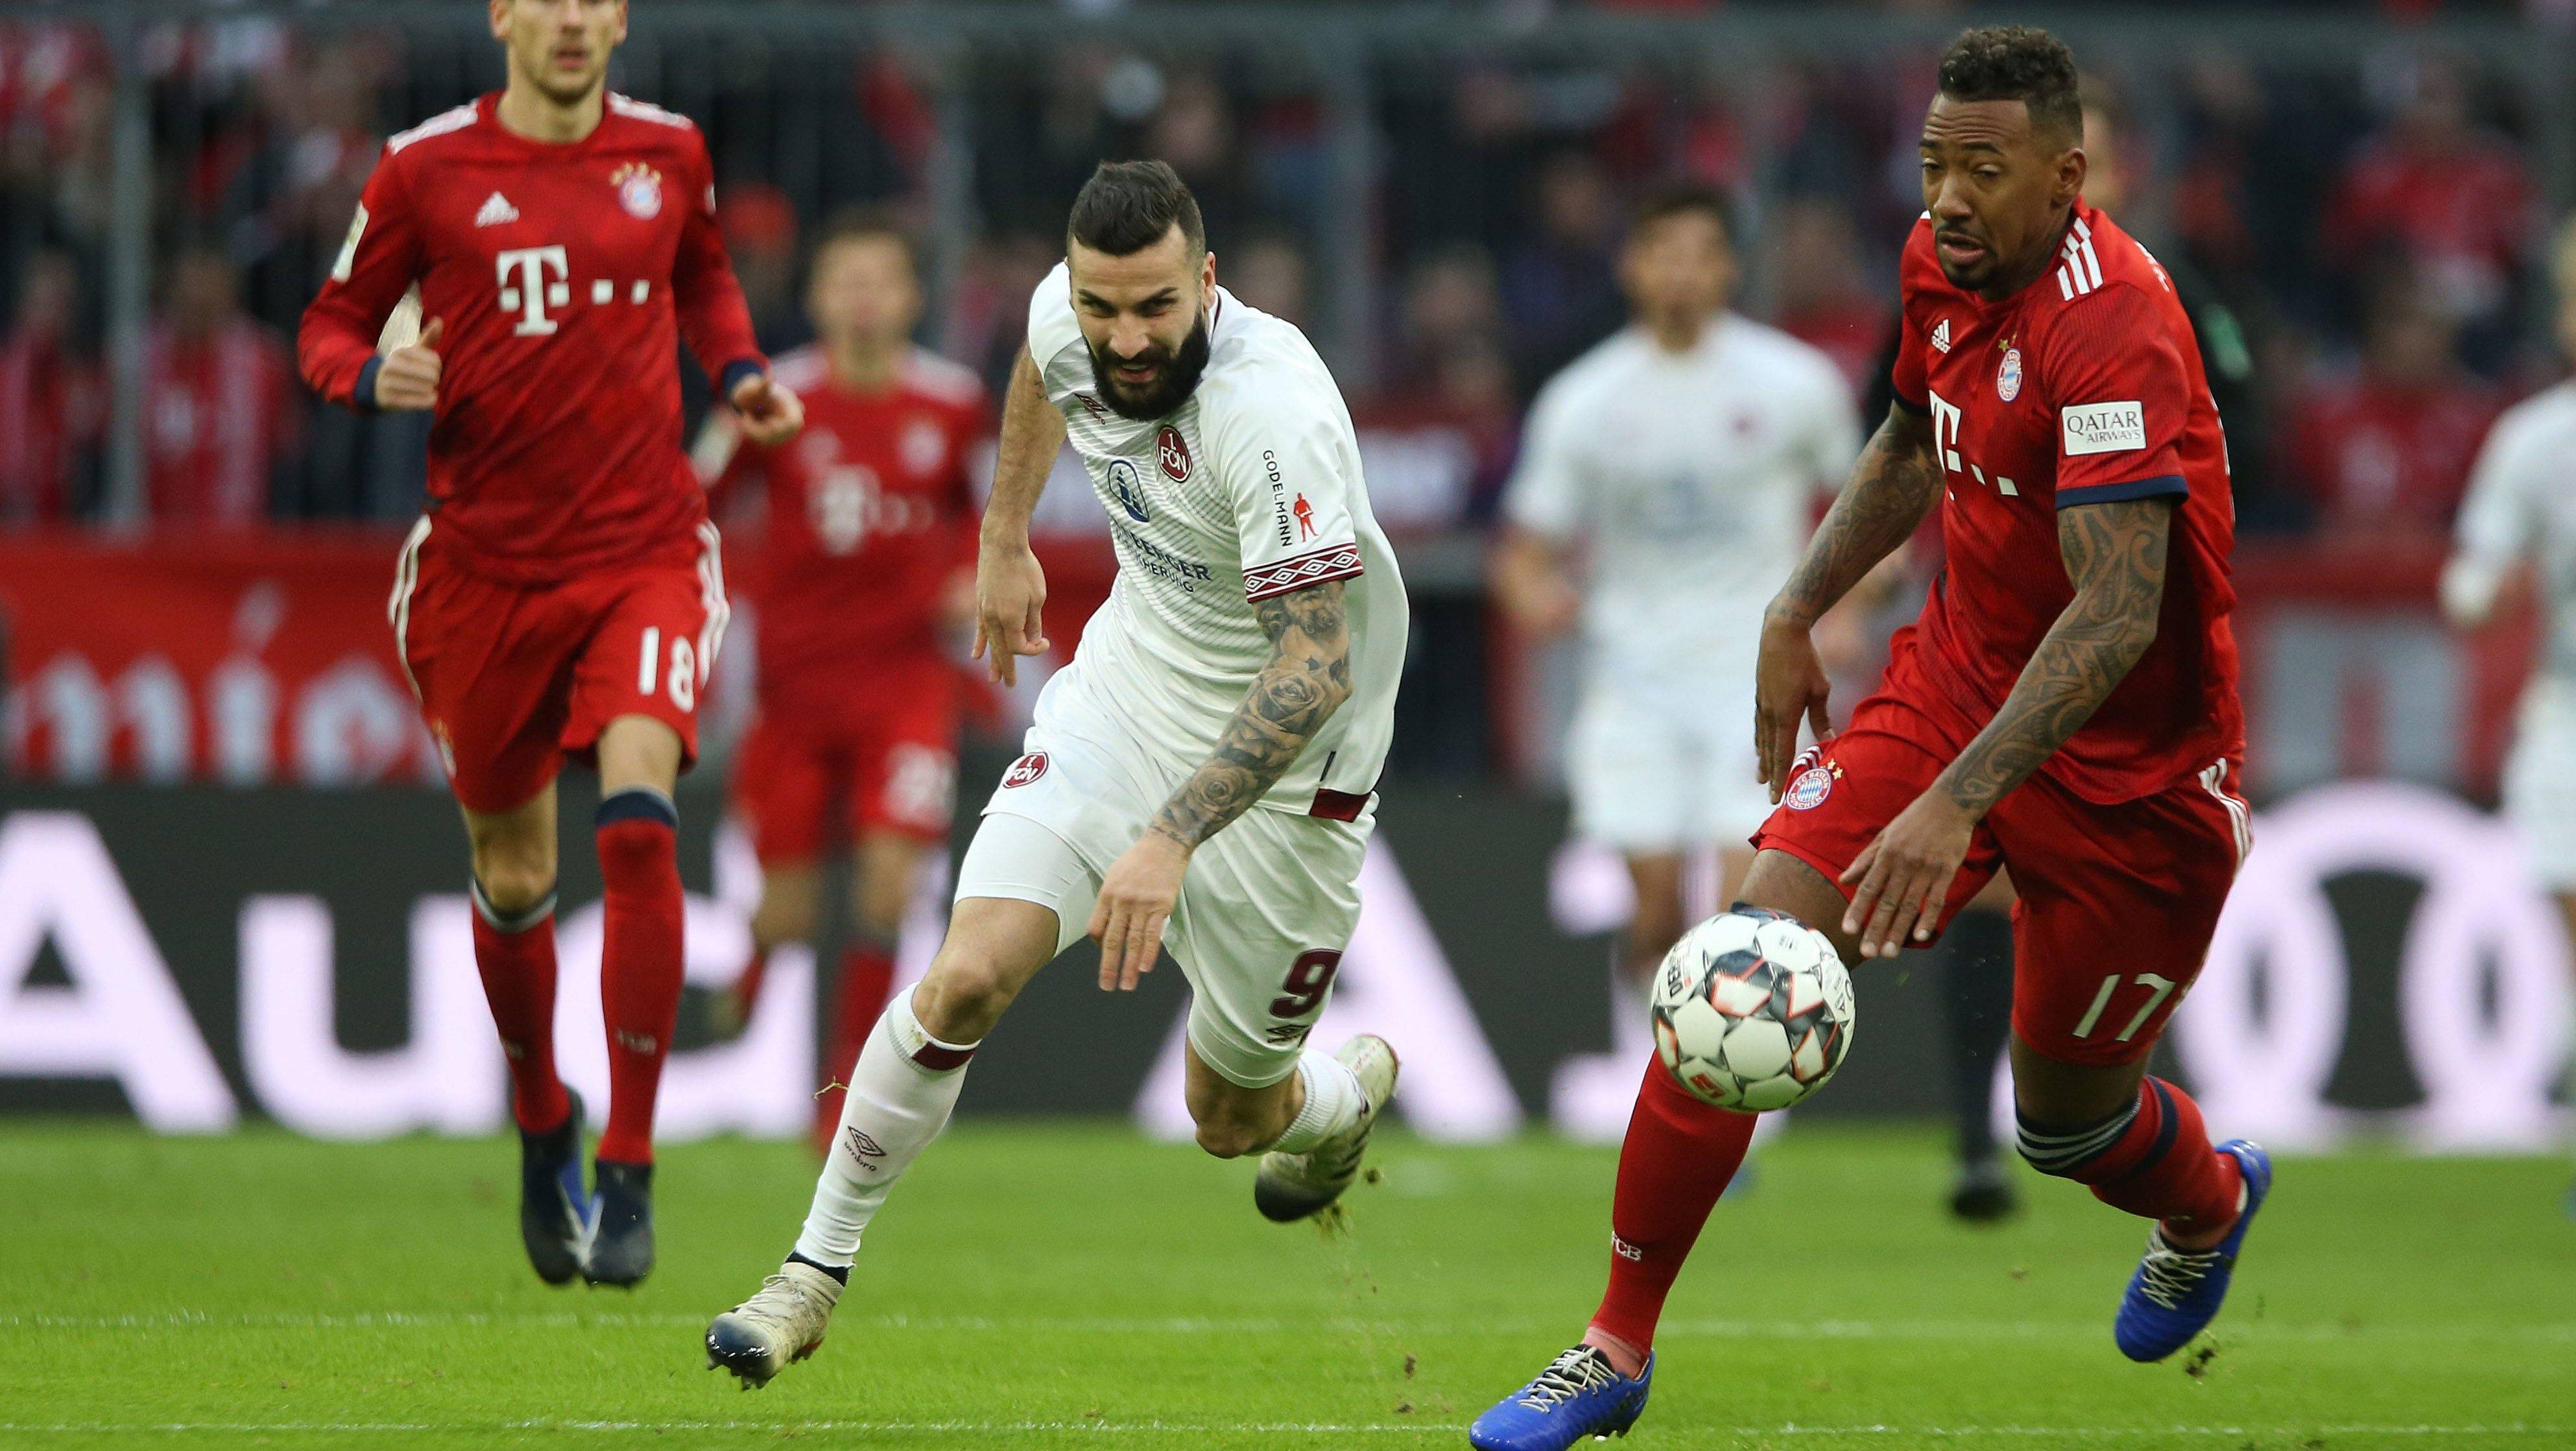 Wird Nürnberg zum Stolperstein für den FC Bayern?